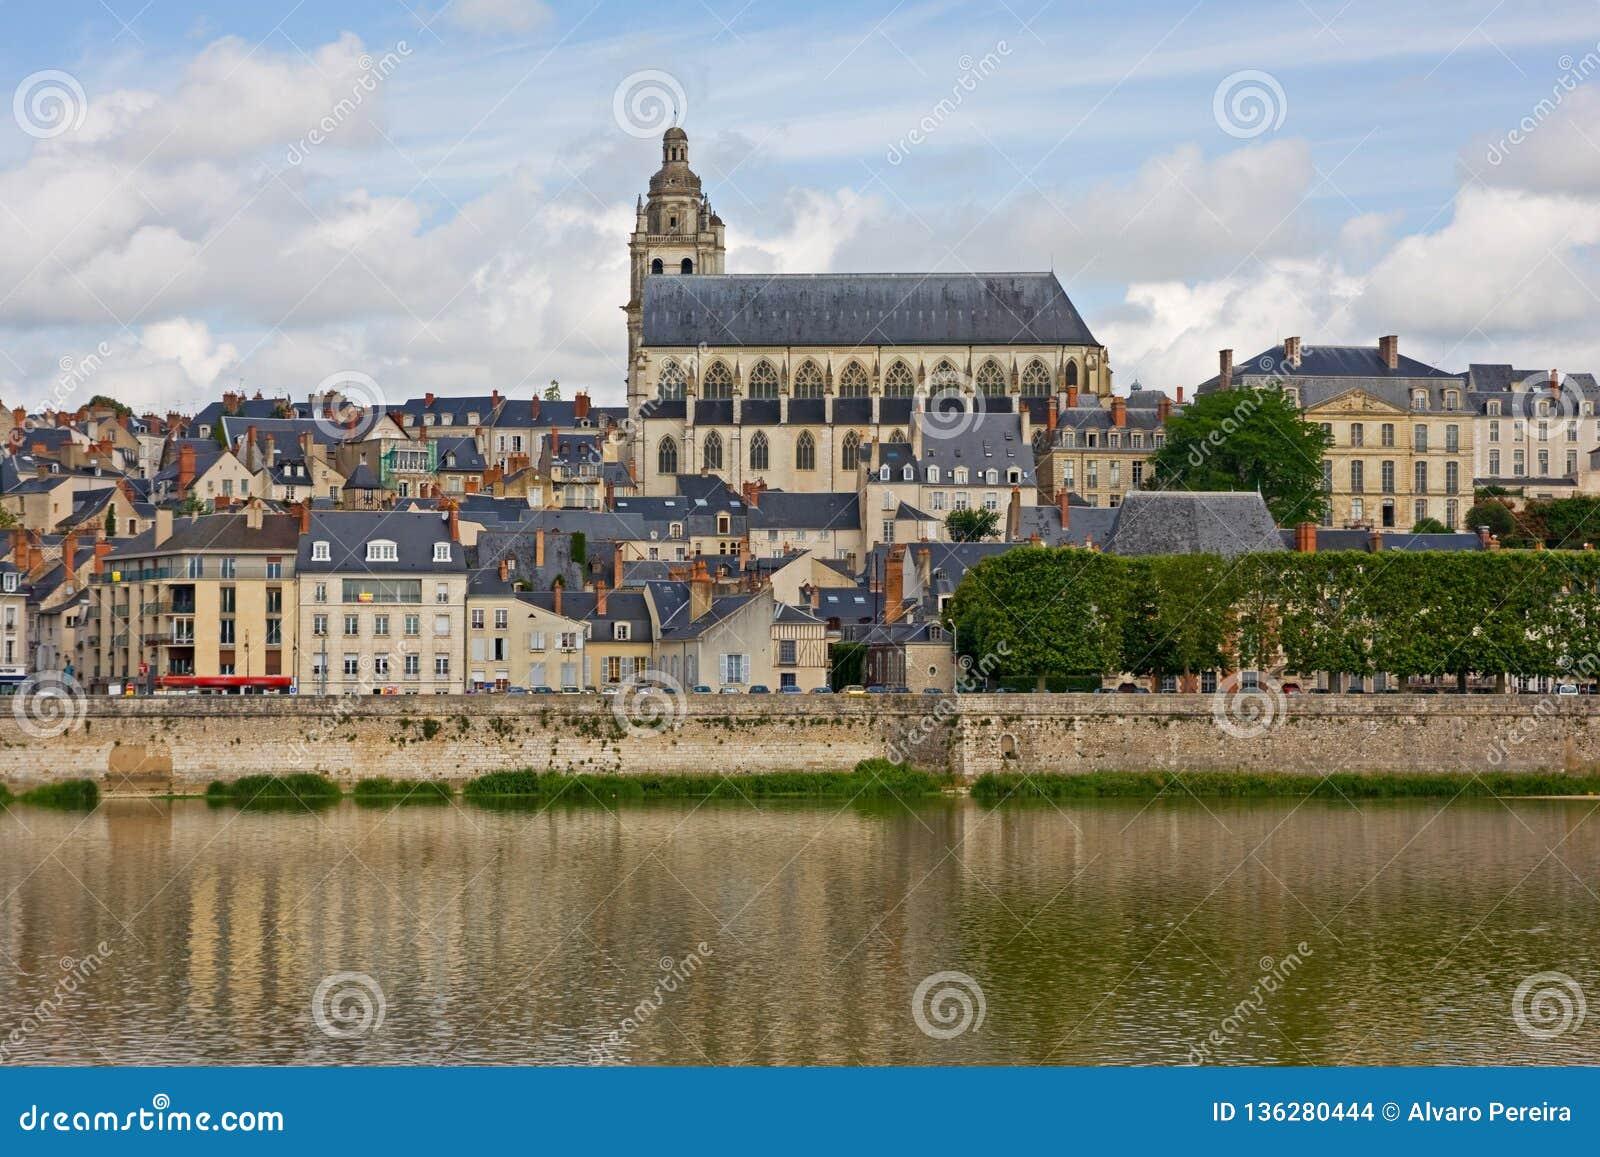 Amboise är en älskvärd stad i Frankrike